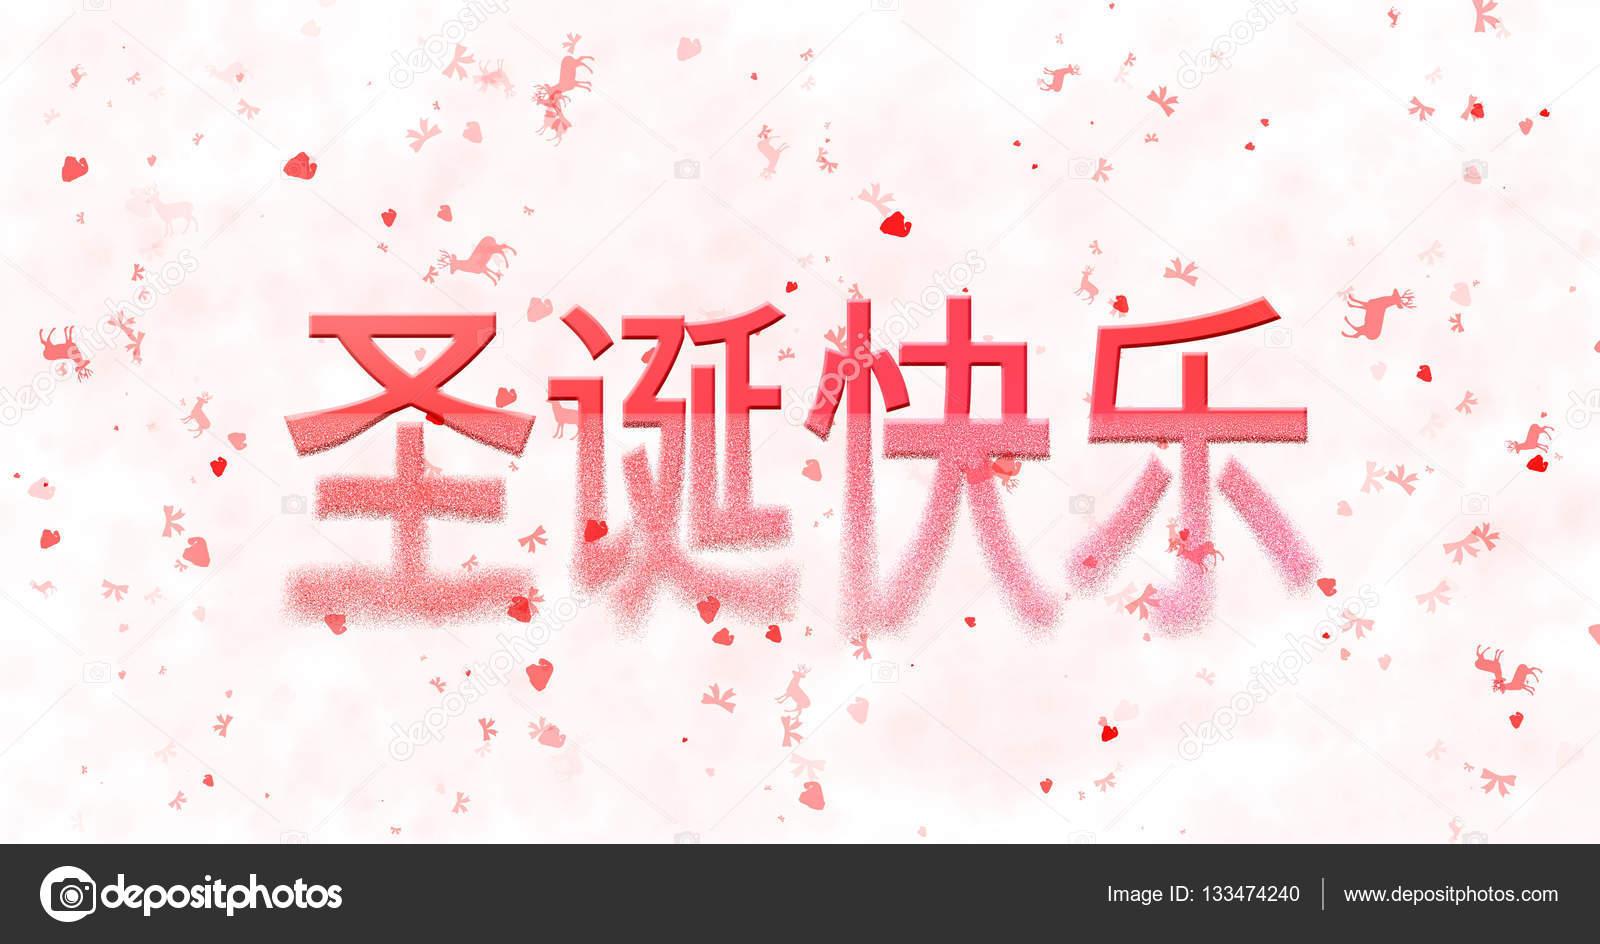 Auguri Di Buon Natale In Cinese.Testo Di Buon Natale In Cinese Si Trasforma In Polvere Dal Basso